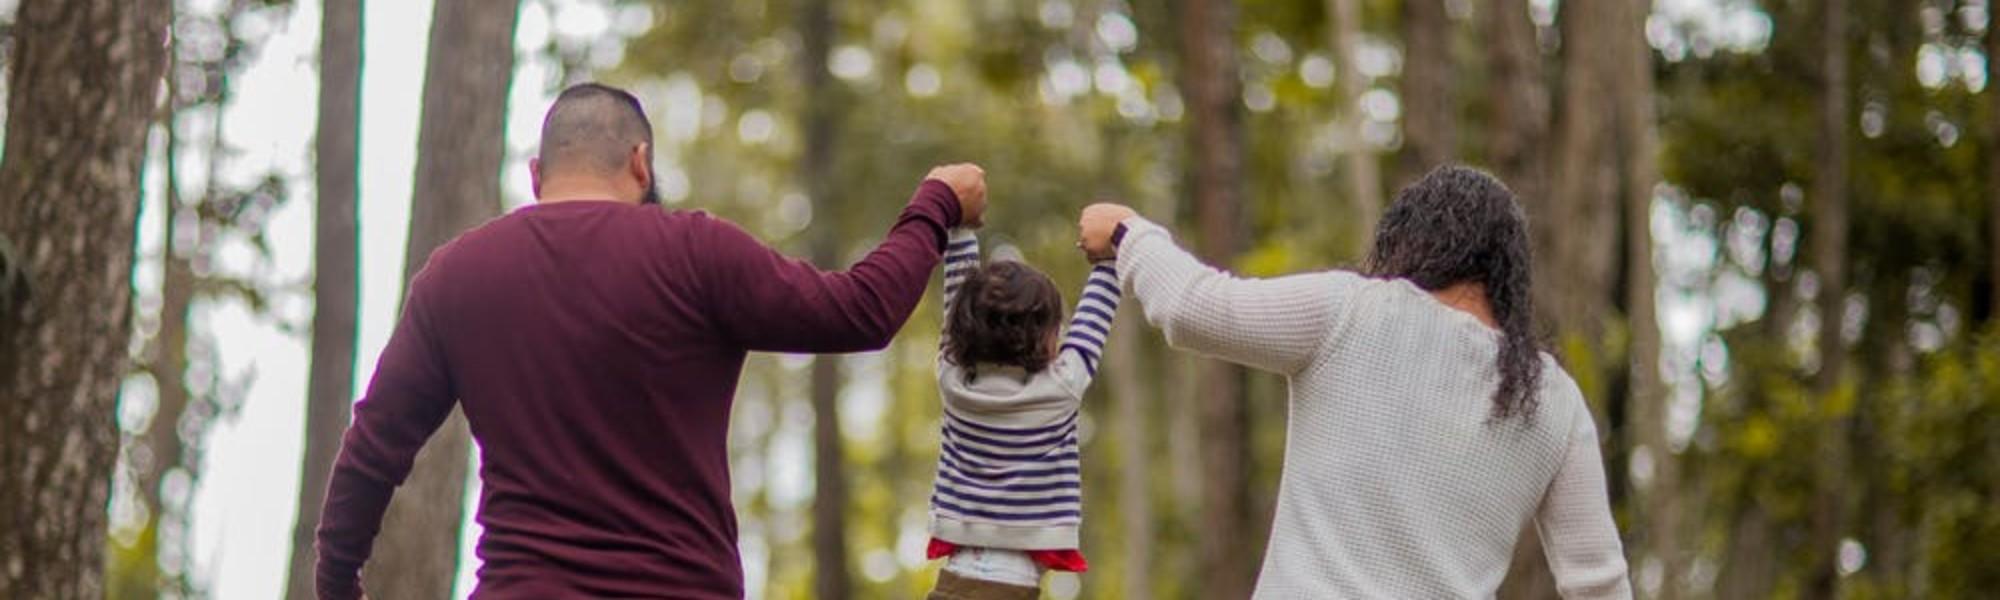 Kuvassa on takaa päin kuvattuna isä ja äiti, jotka pitävät kädestä välissään olevaa lasta.